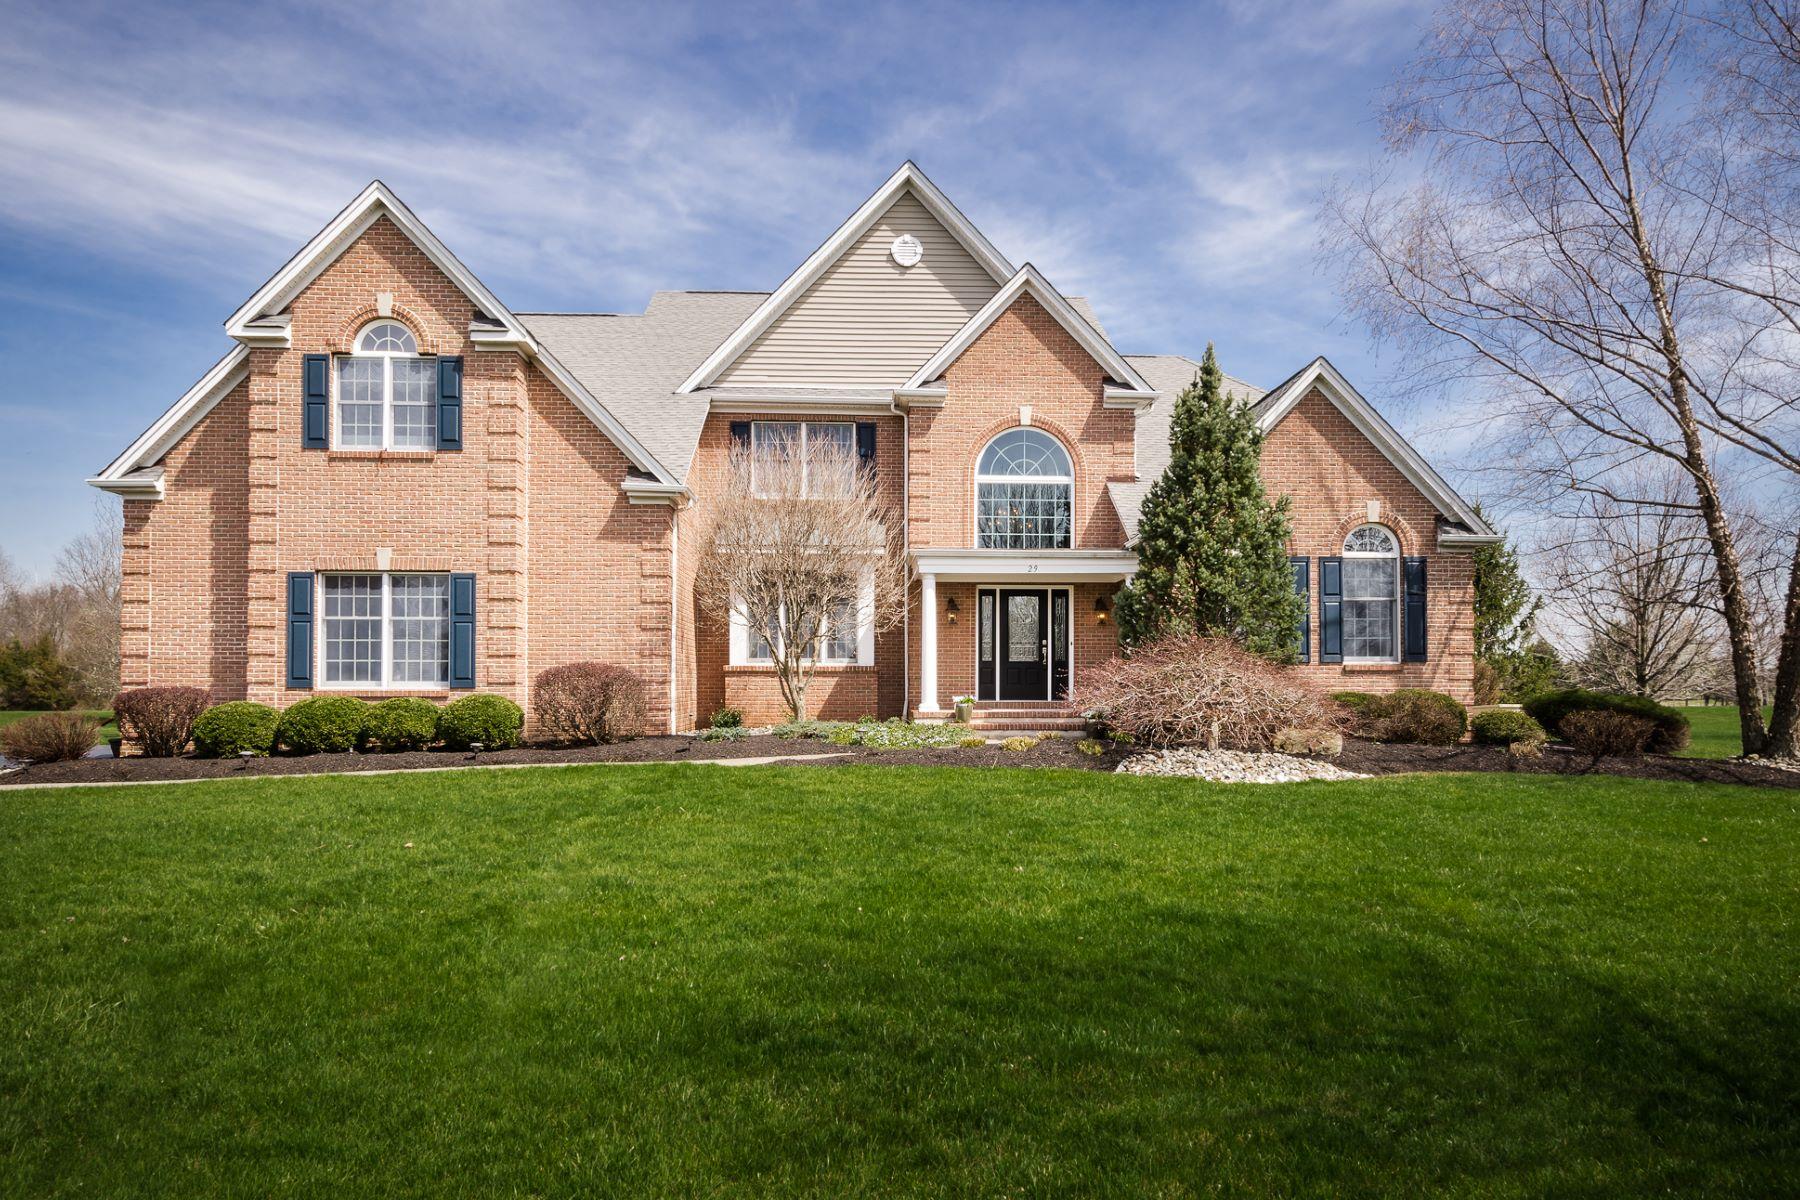 Частный односемейный дом для того Продажа на Come Home To This Fabulous House - Montgomery Township 29 Titus Road Skillman, 08558 Соединенные Штаты